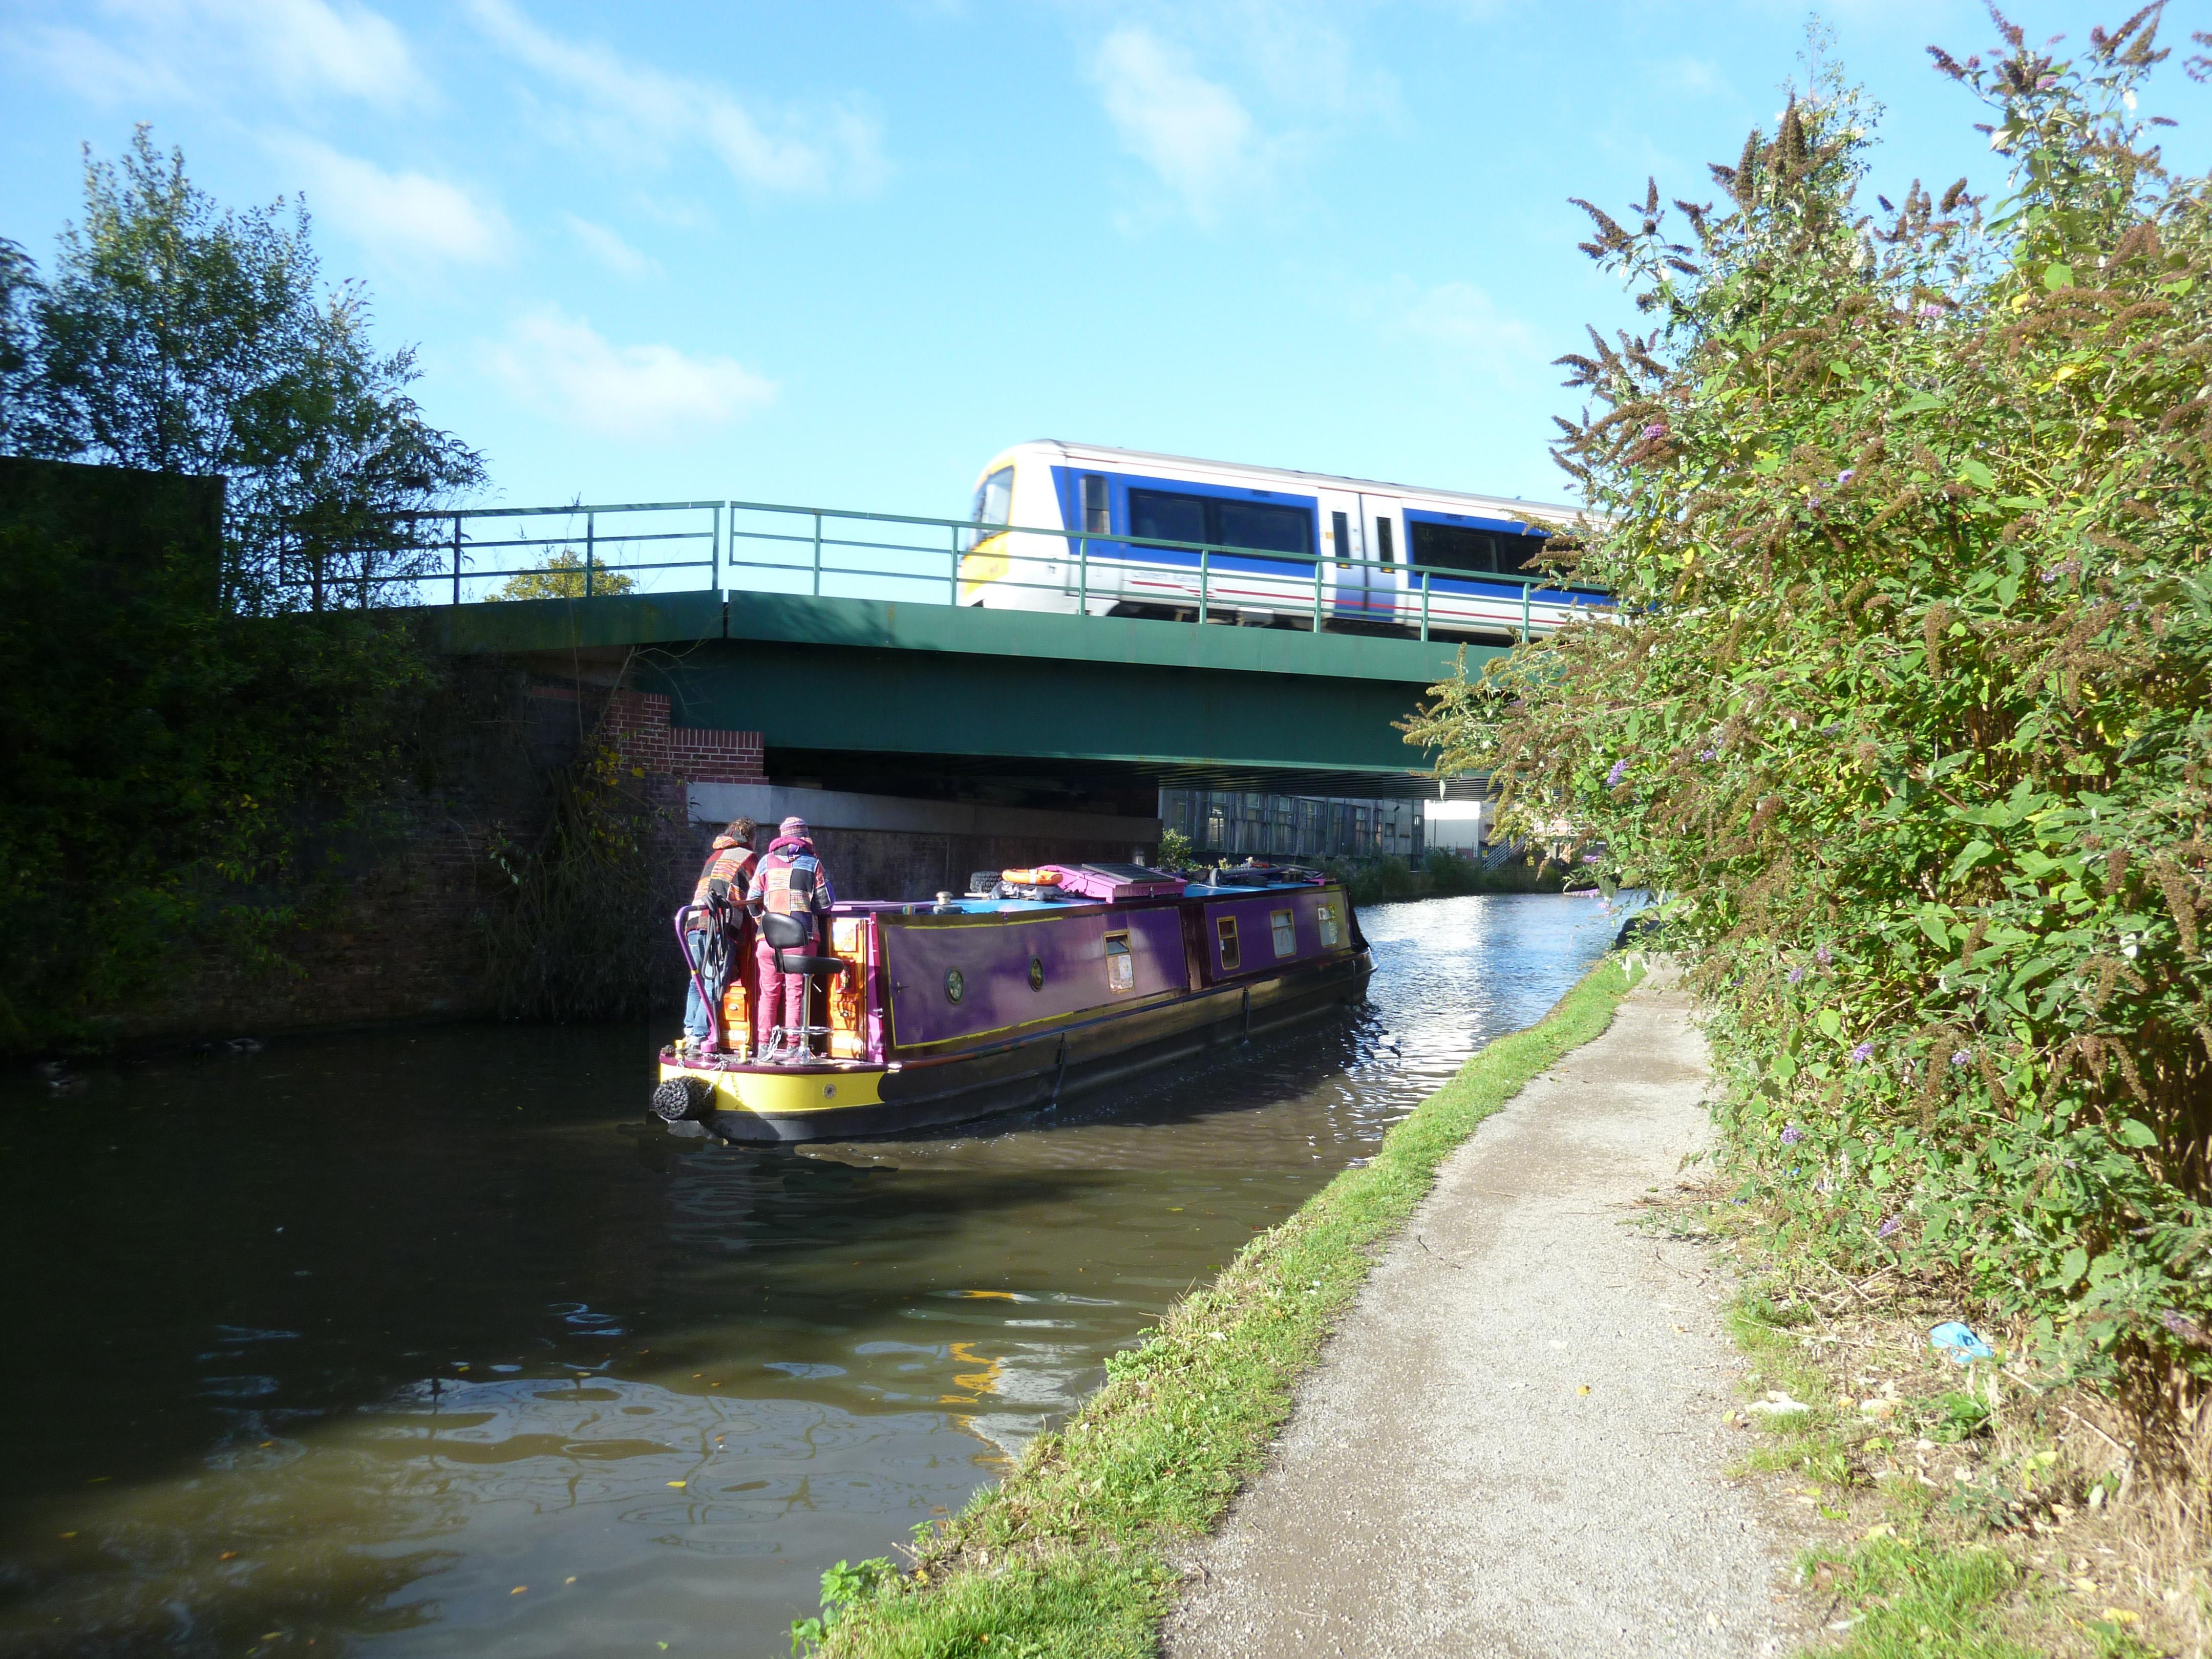 The Canal at Royal Leamington Spa